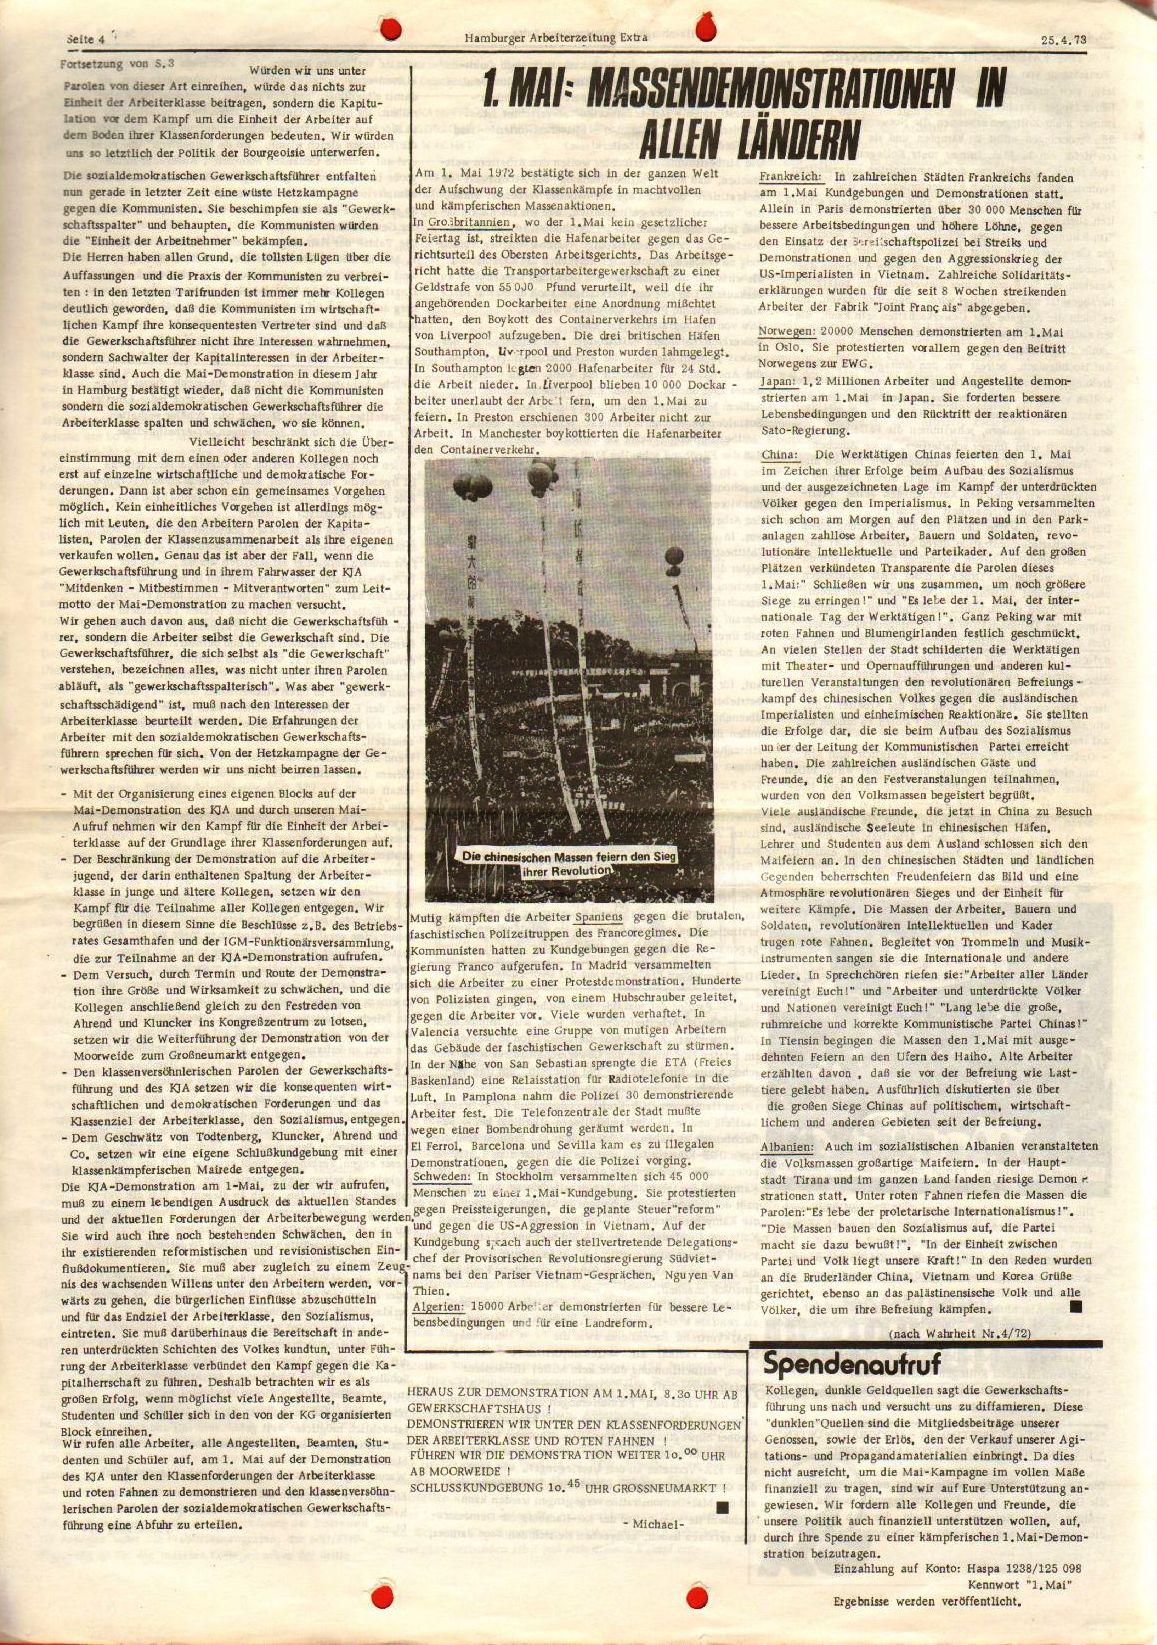 Hamburger_Arbeiterzeitung024